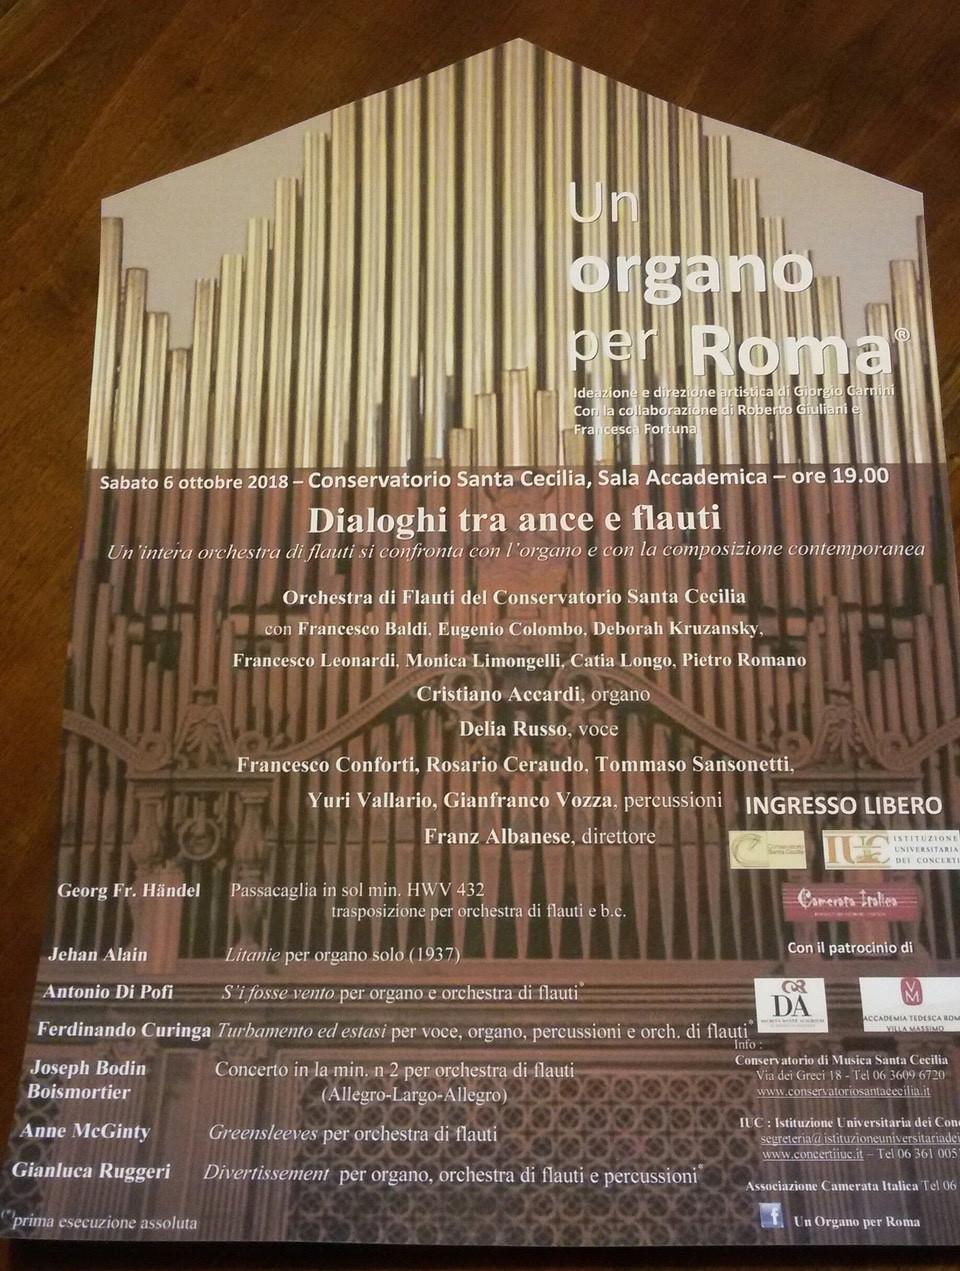 Un Organo per Roma 2018 locandina 6 ottobre